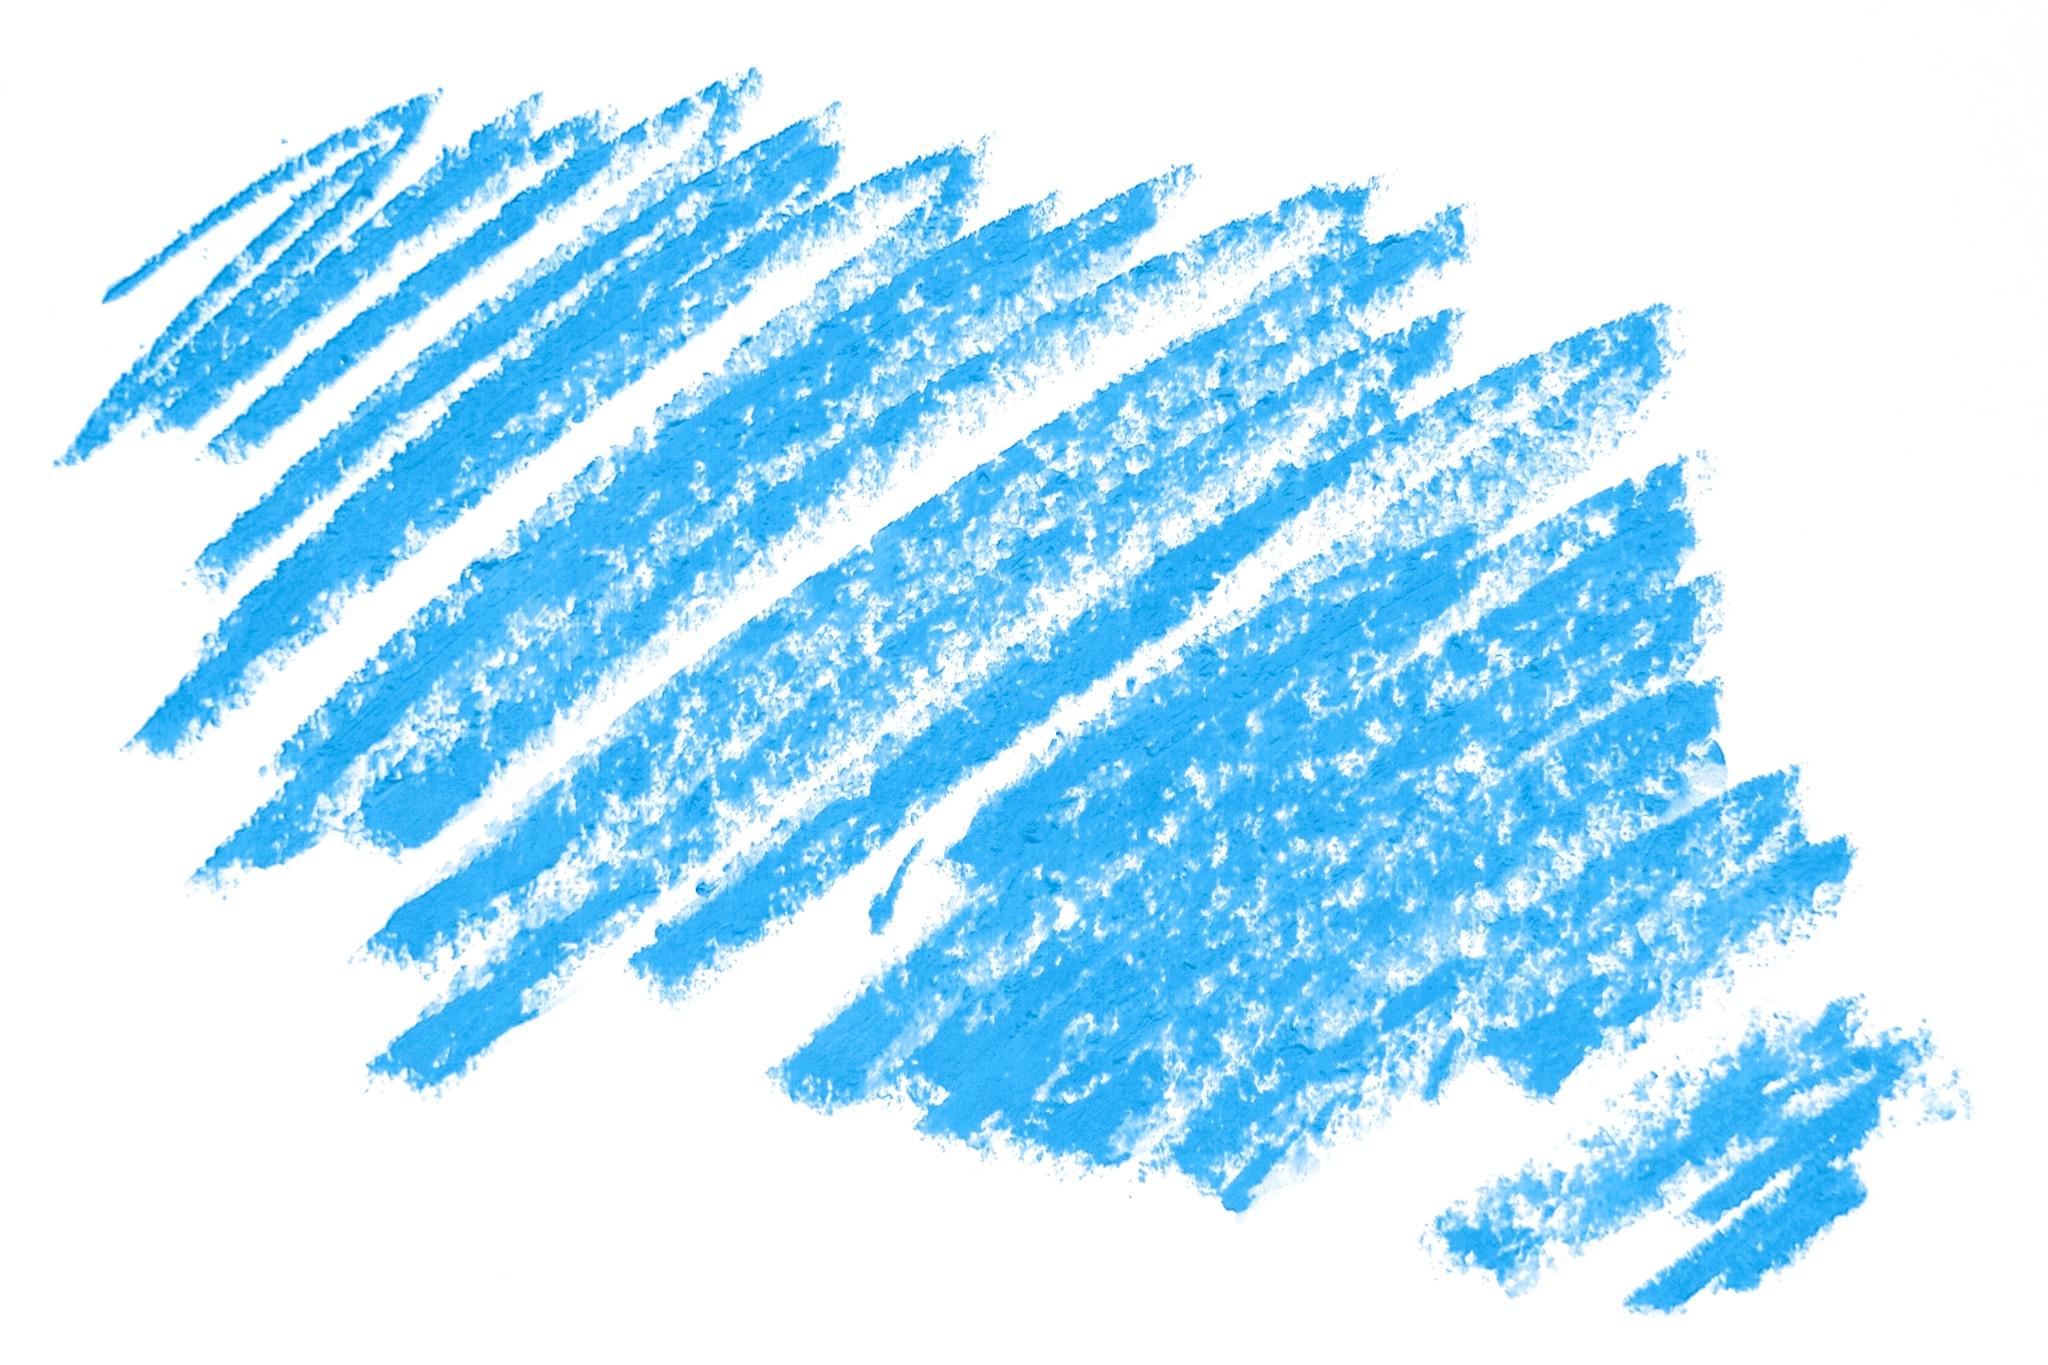 「空色のクレヨンのテクスチャ」